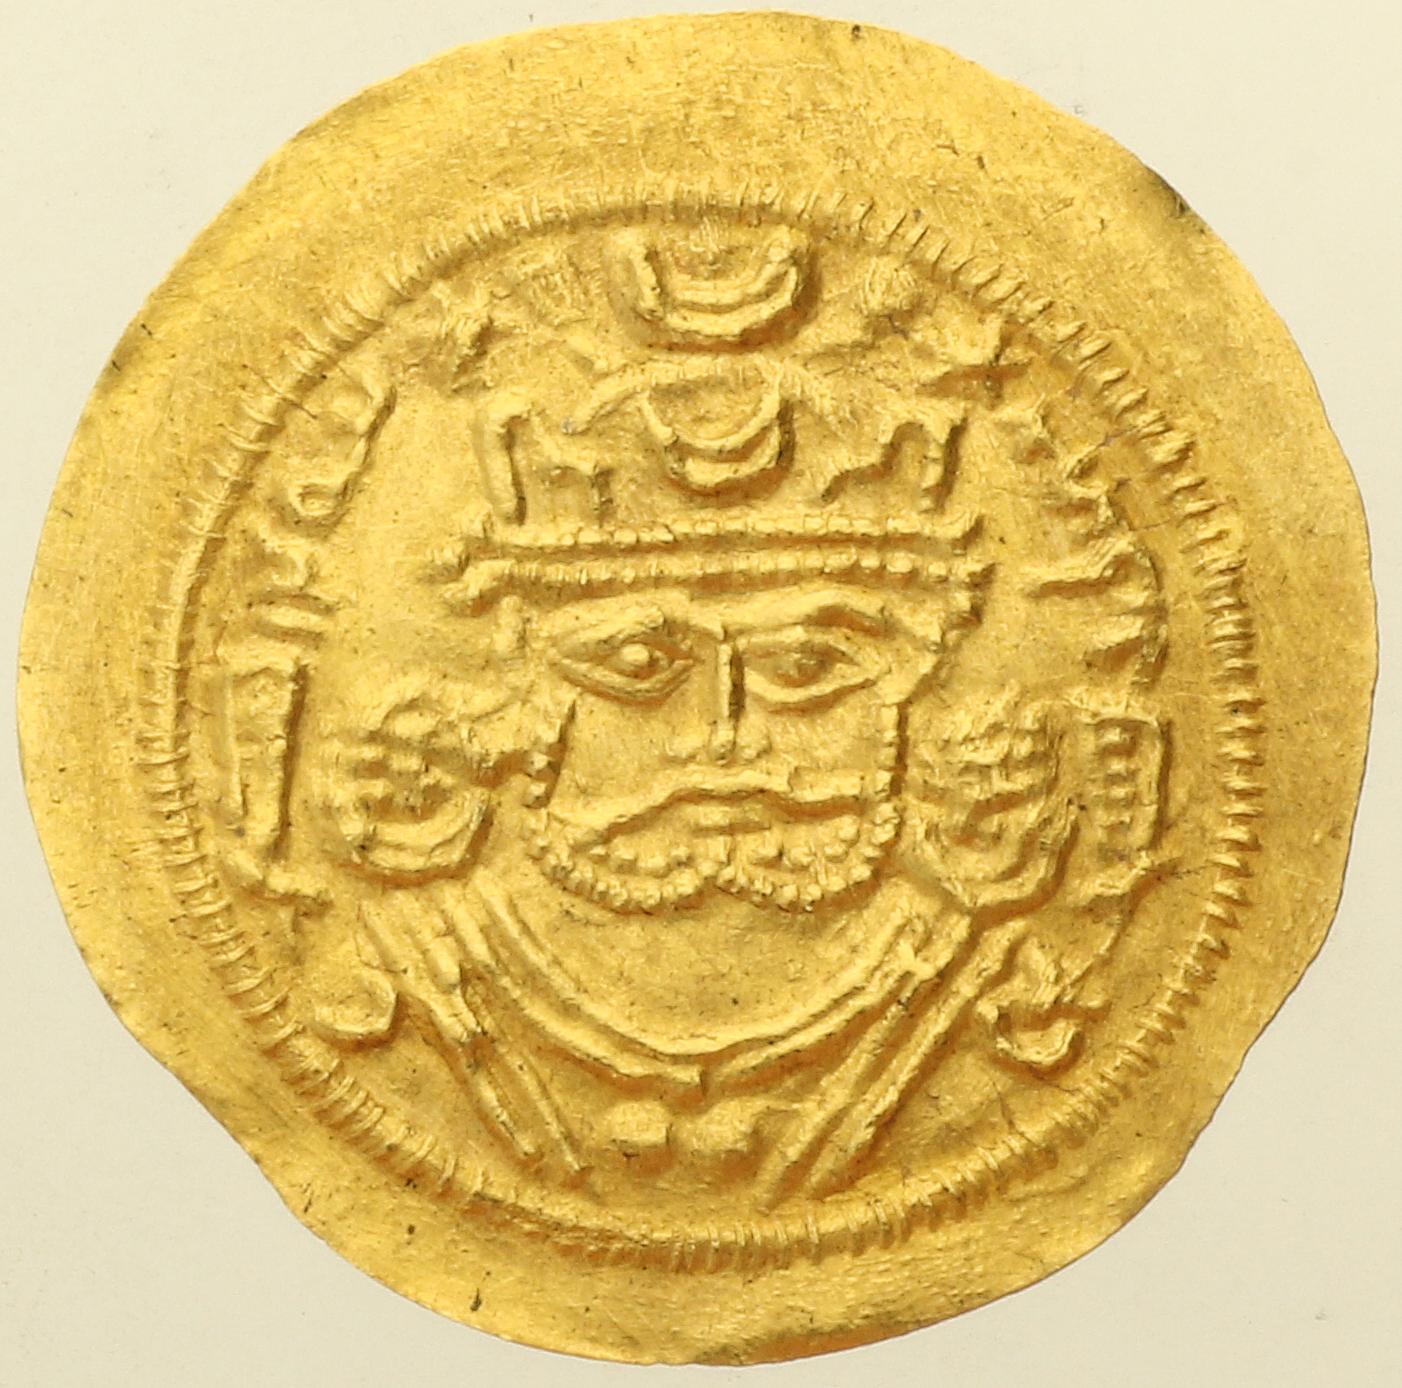 Sasanian Empire - Khusro II - dinar - AD 625